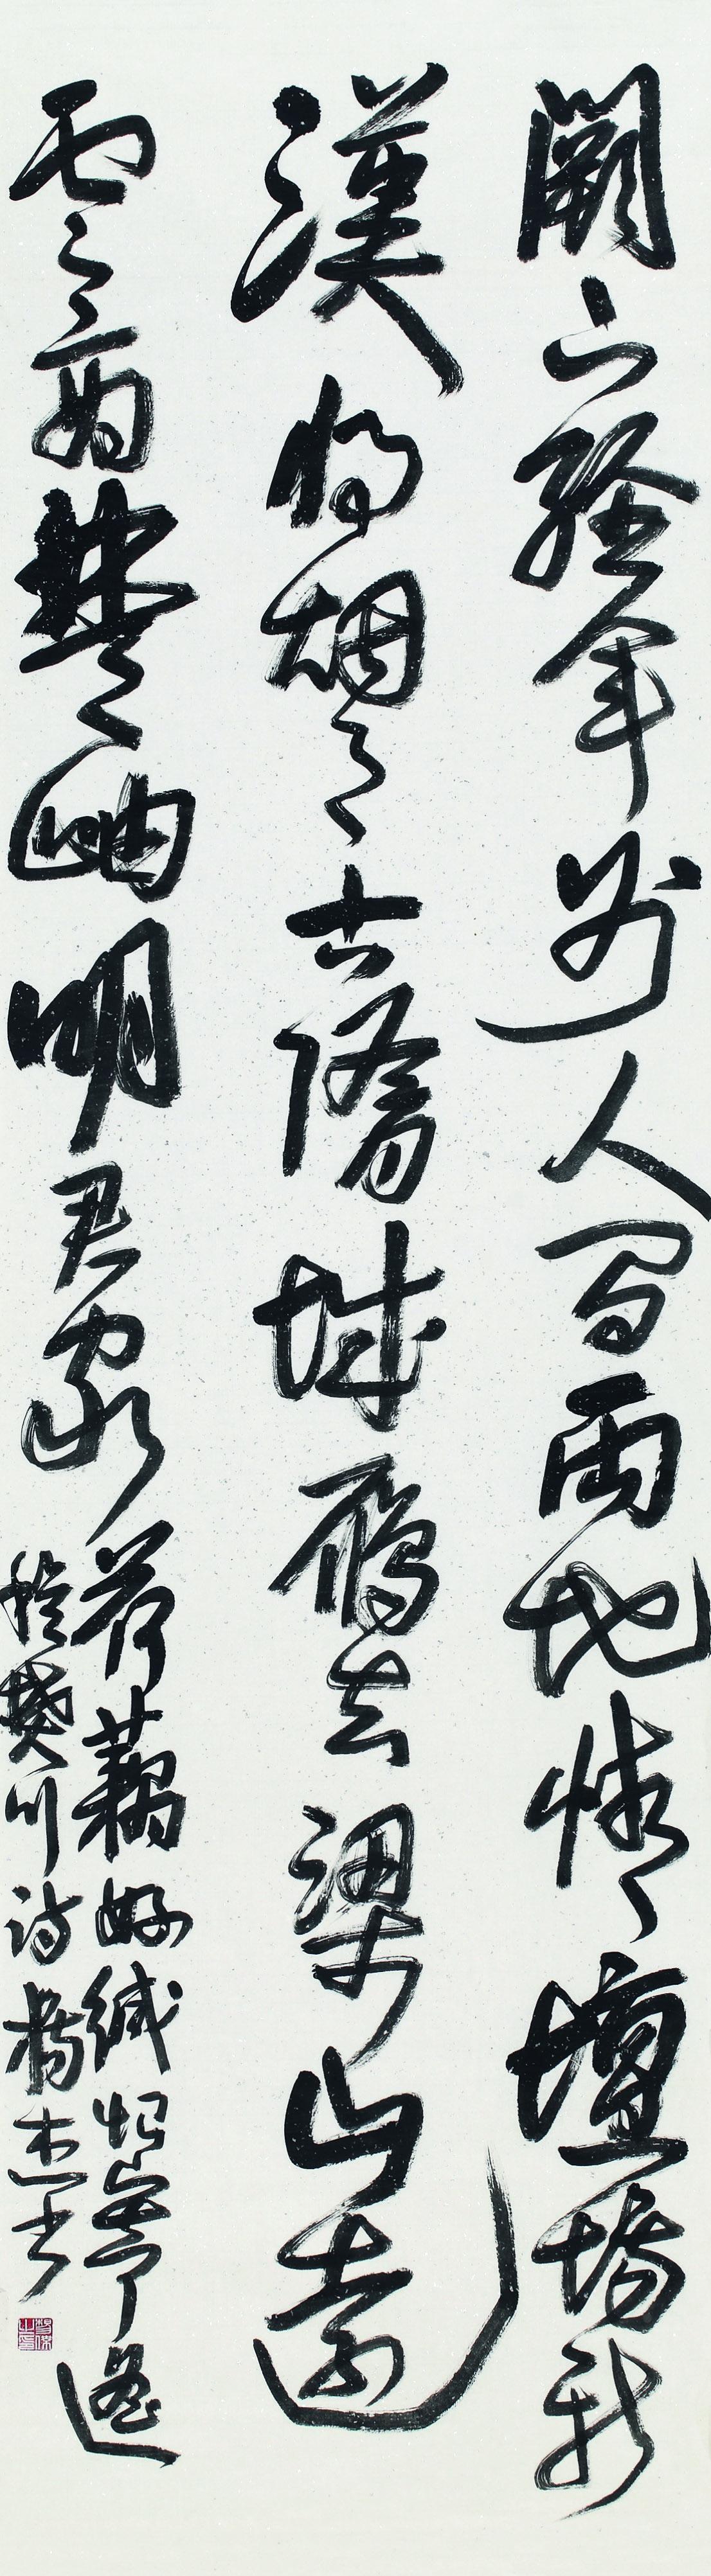 杜牧诗送王十至褒中因寄尚书